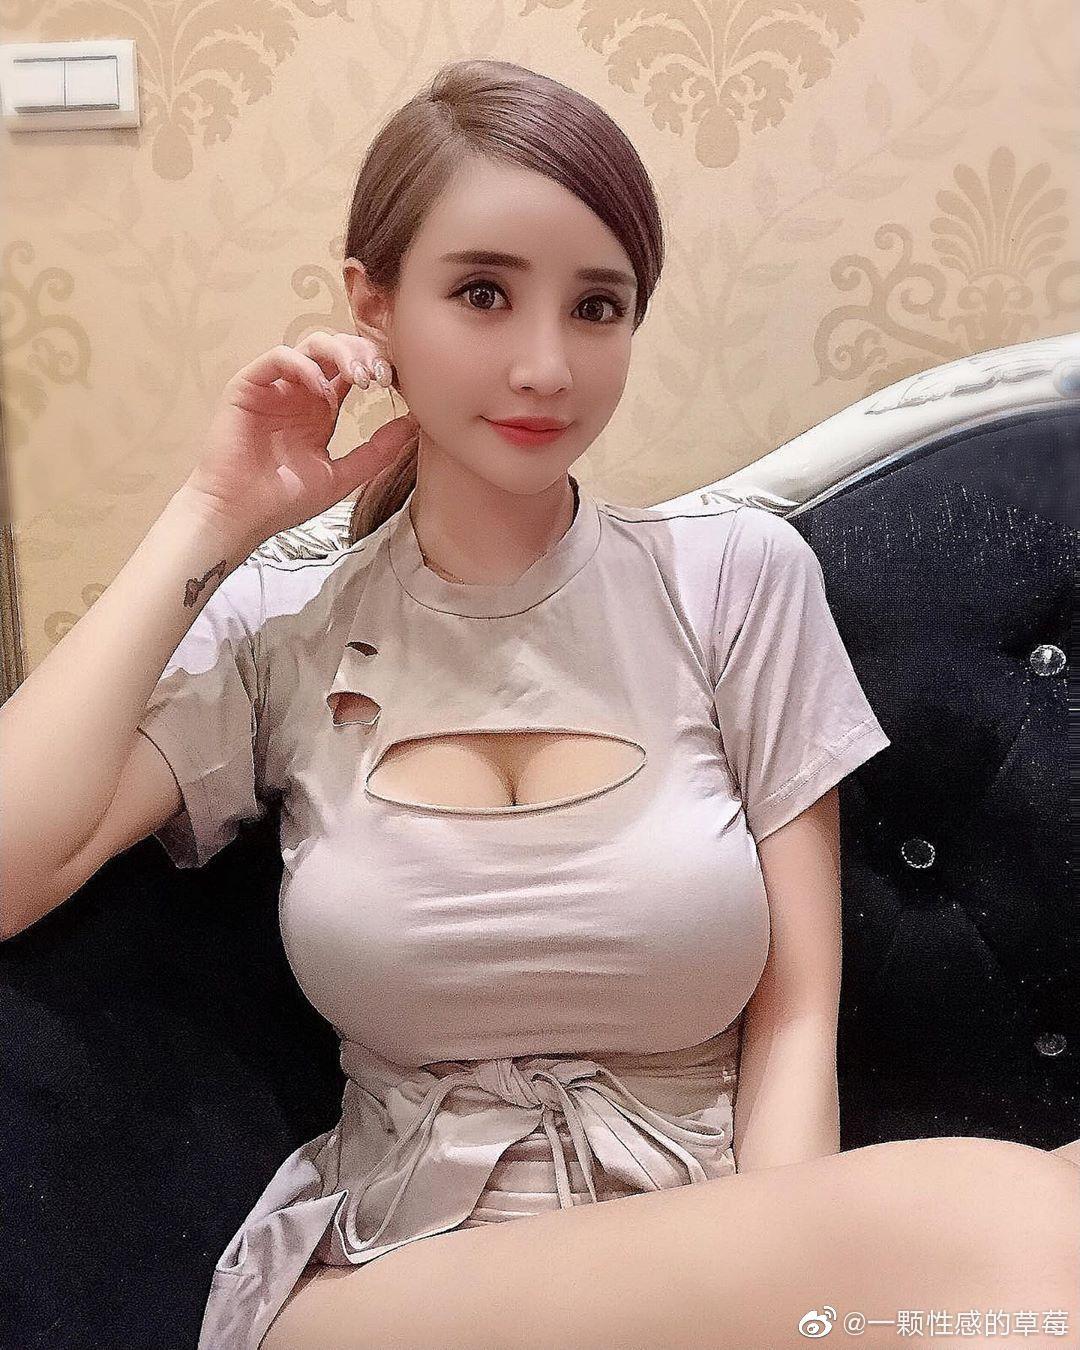 台湾嫩模IG网红妹元欣,拥有横看成岭侧成峰的傲人身材-第6张图片-宅小报